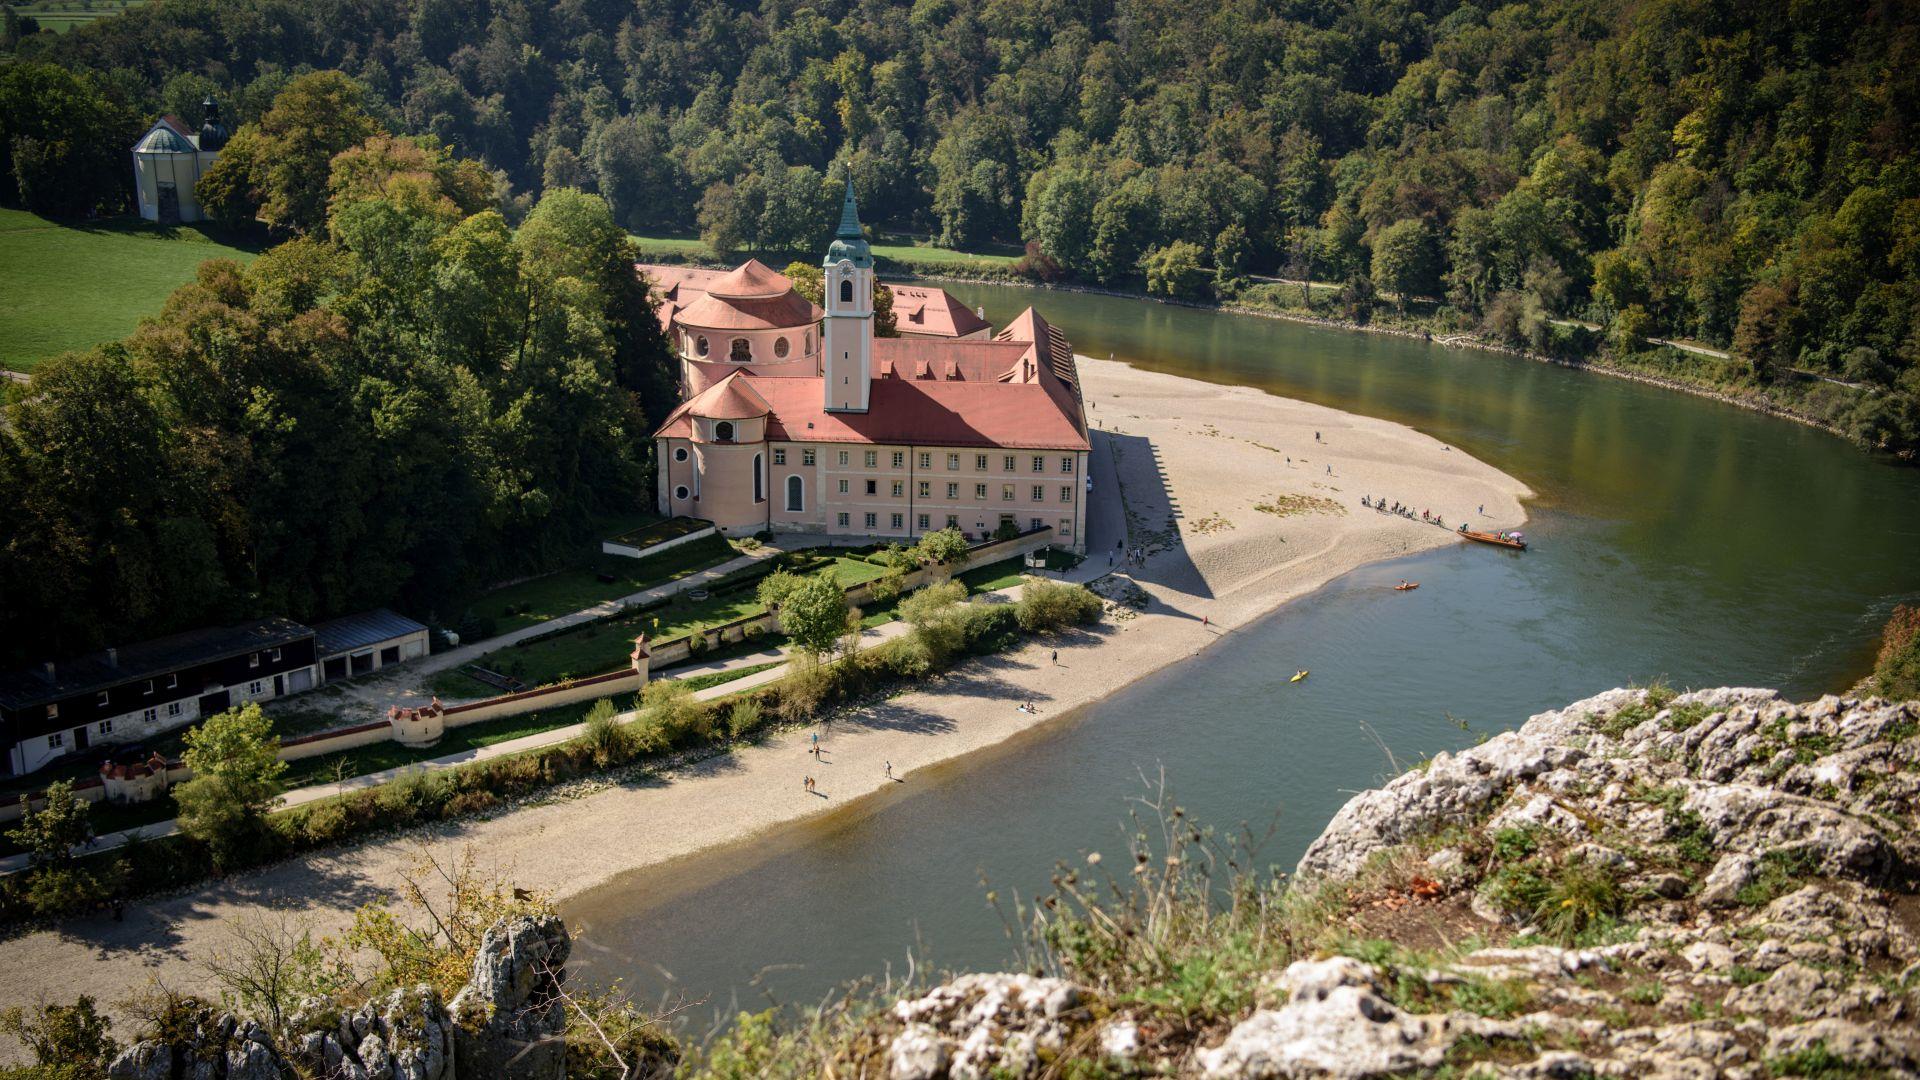 Genießen Sie tolle Ausblicke auf das Kloster Weltenburg bei einer Wanderung durch das erste Nationale Naturmonument in Bayern - die Weltenburger Enge.